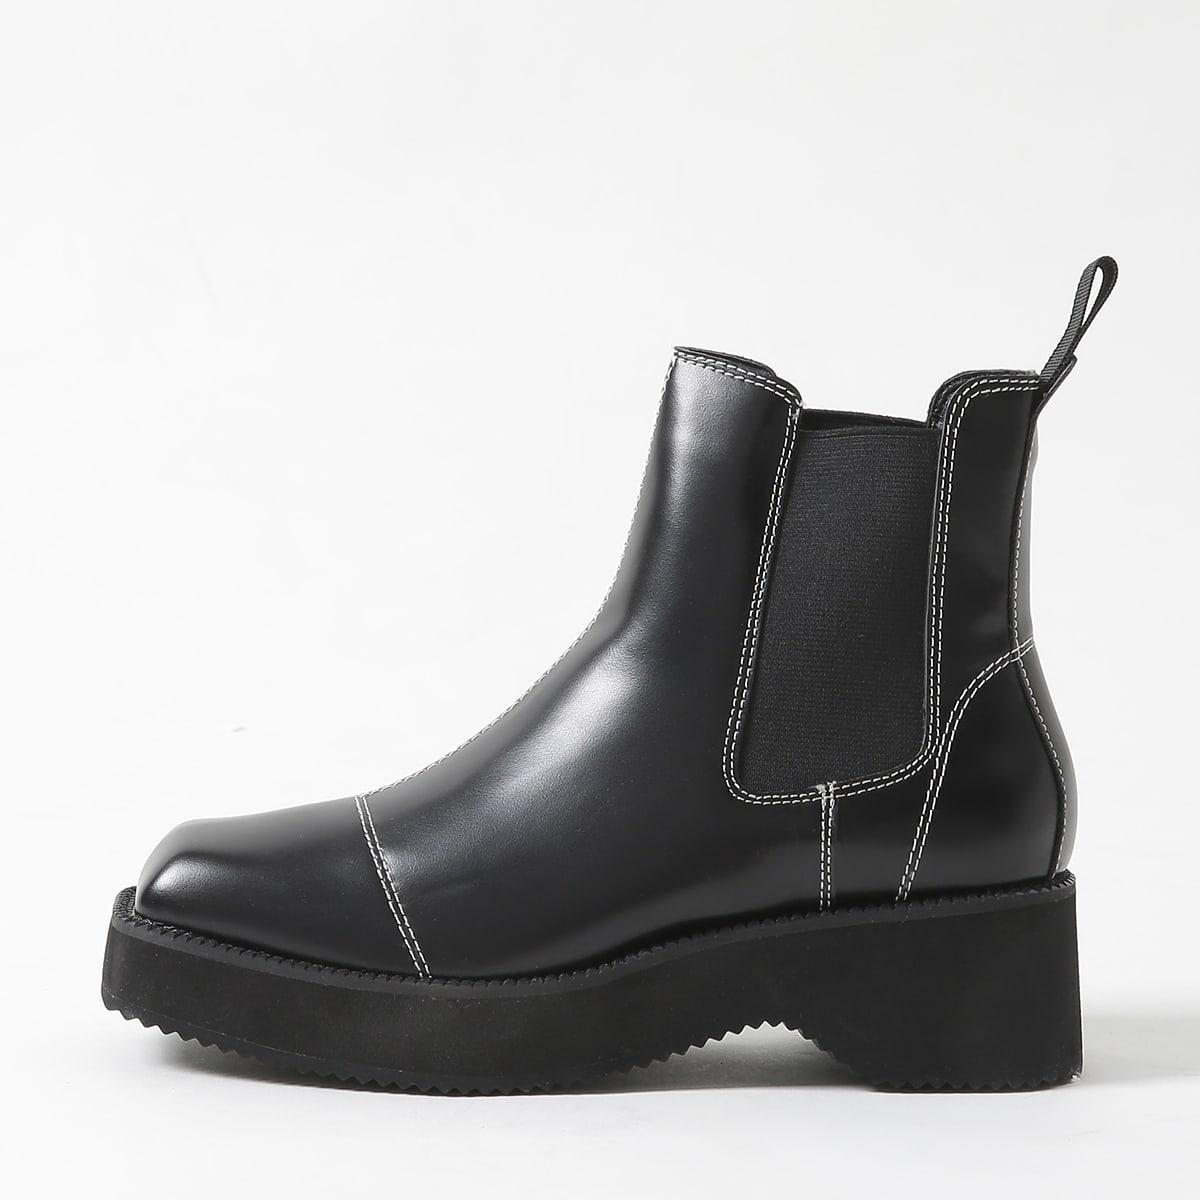 SHEIN / Chelsea Stiefel mit quadratischer Zehenpartie und Stich Detail